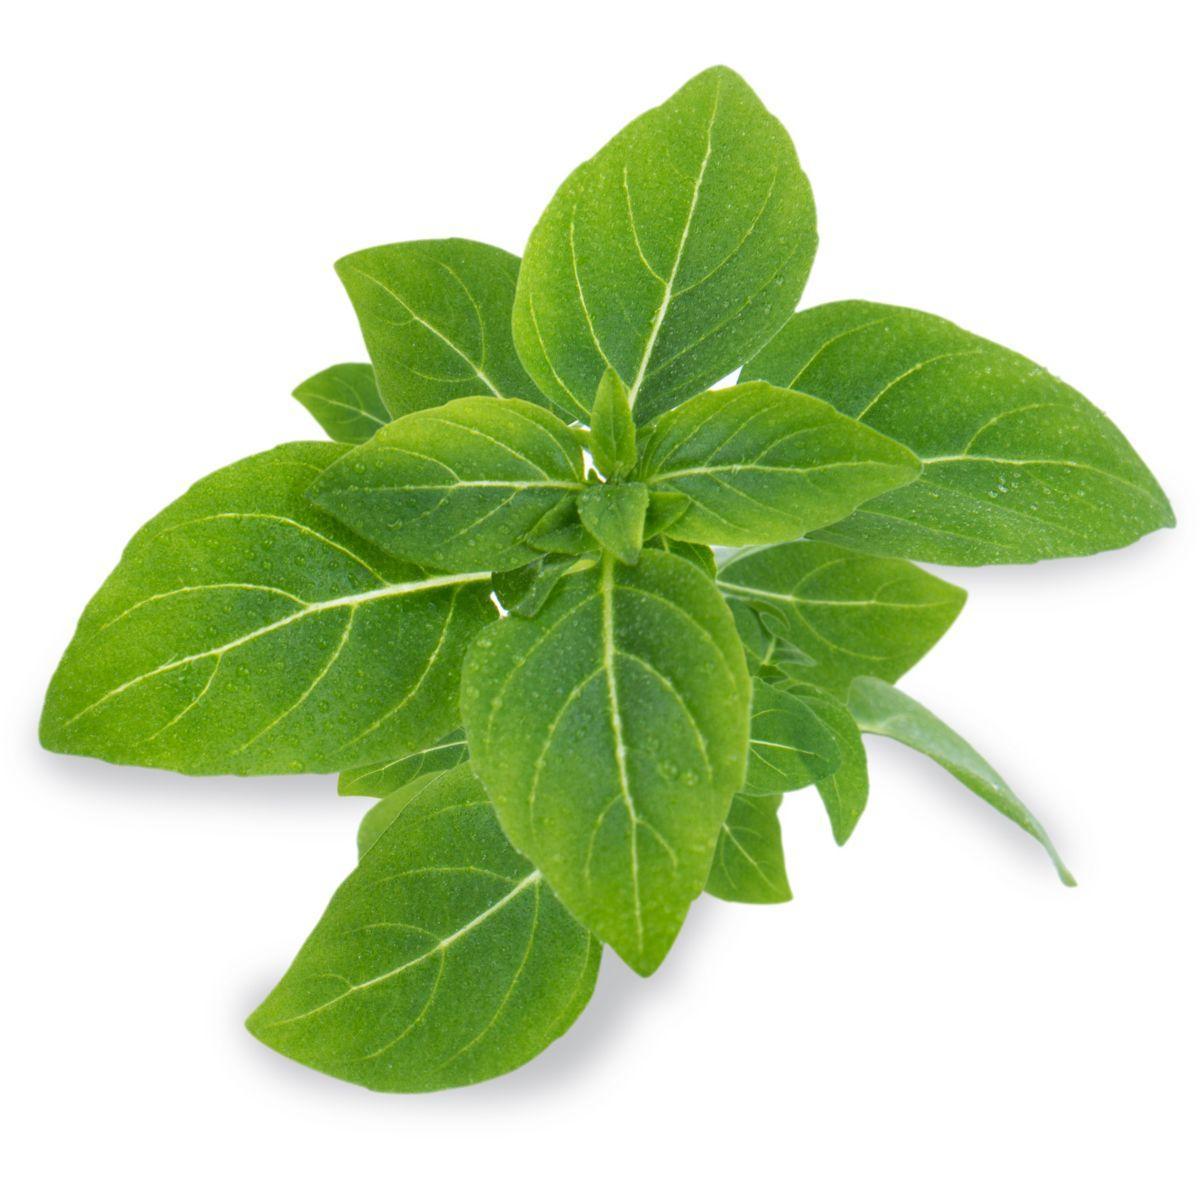 Recharge jardin int�rieur veritable basilic fin vert nain bio - 10% de remise imm�diate avec le code : deal10 (photo)